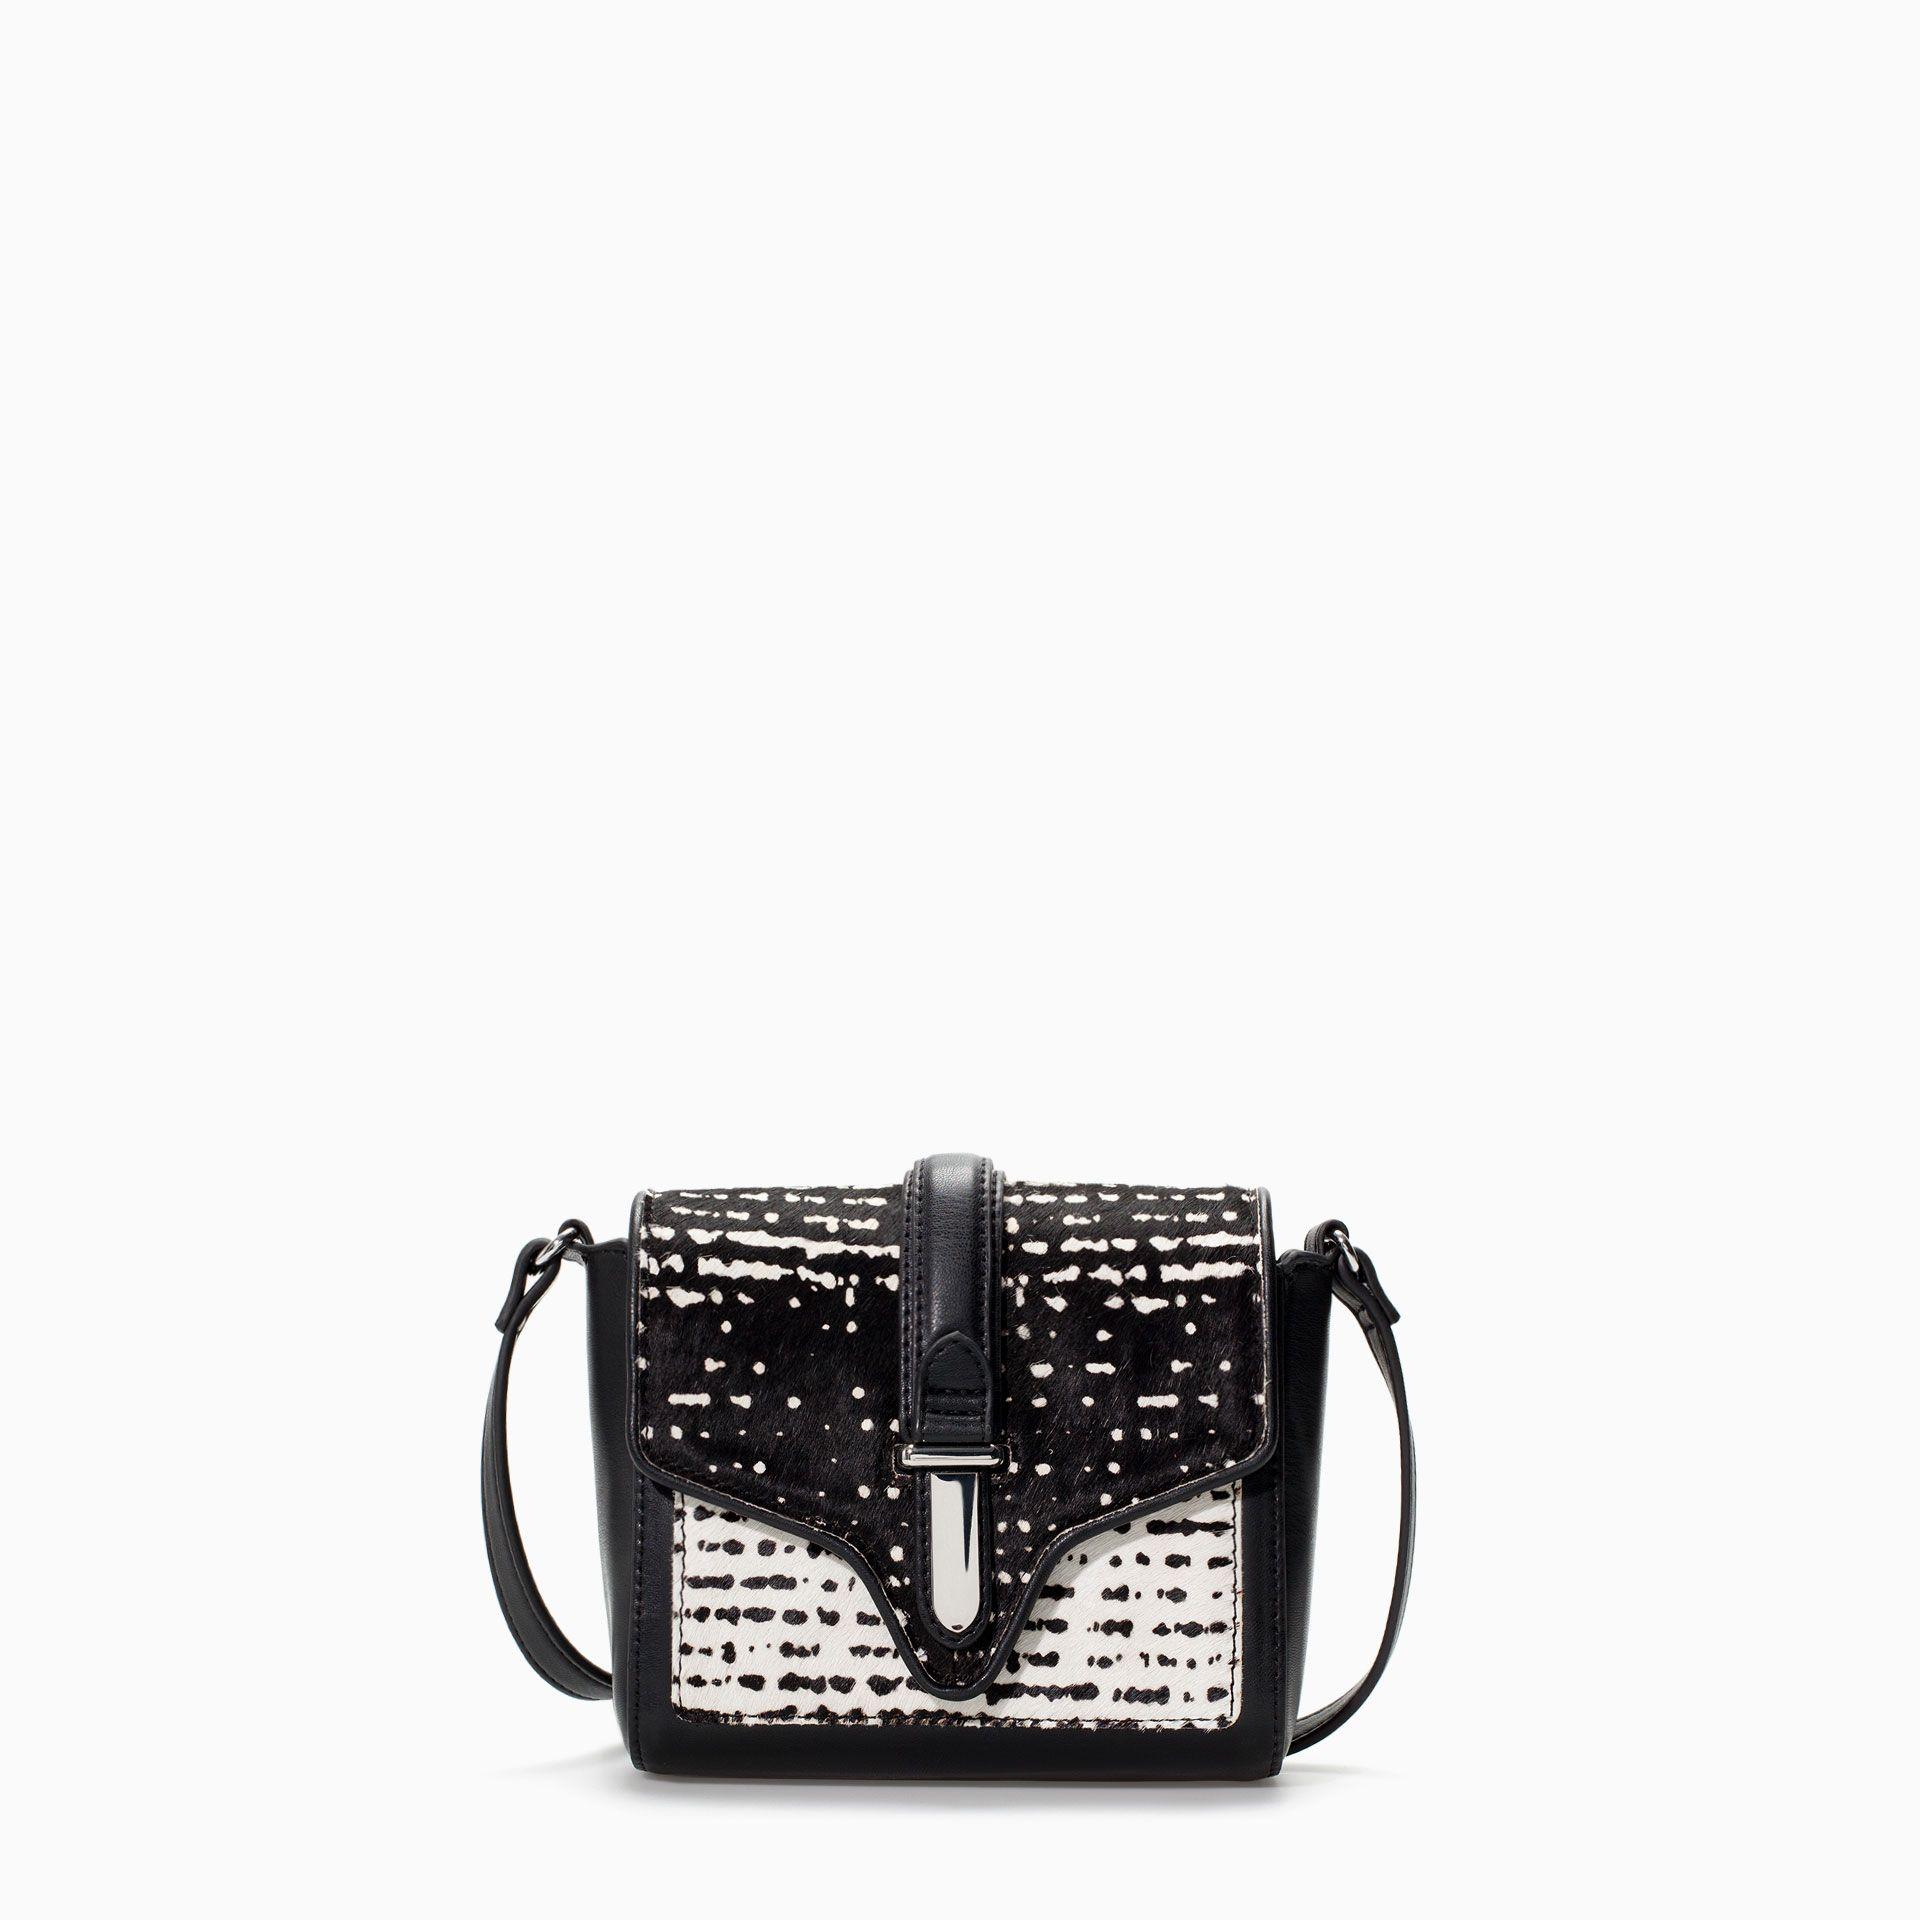 Zara Printed Messenger Bag - ZARA - COLECCIÓN AW14 - BANDOLERA PRINT - bolso